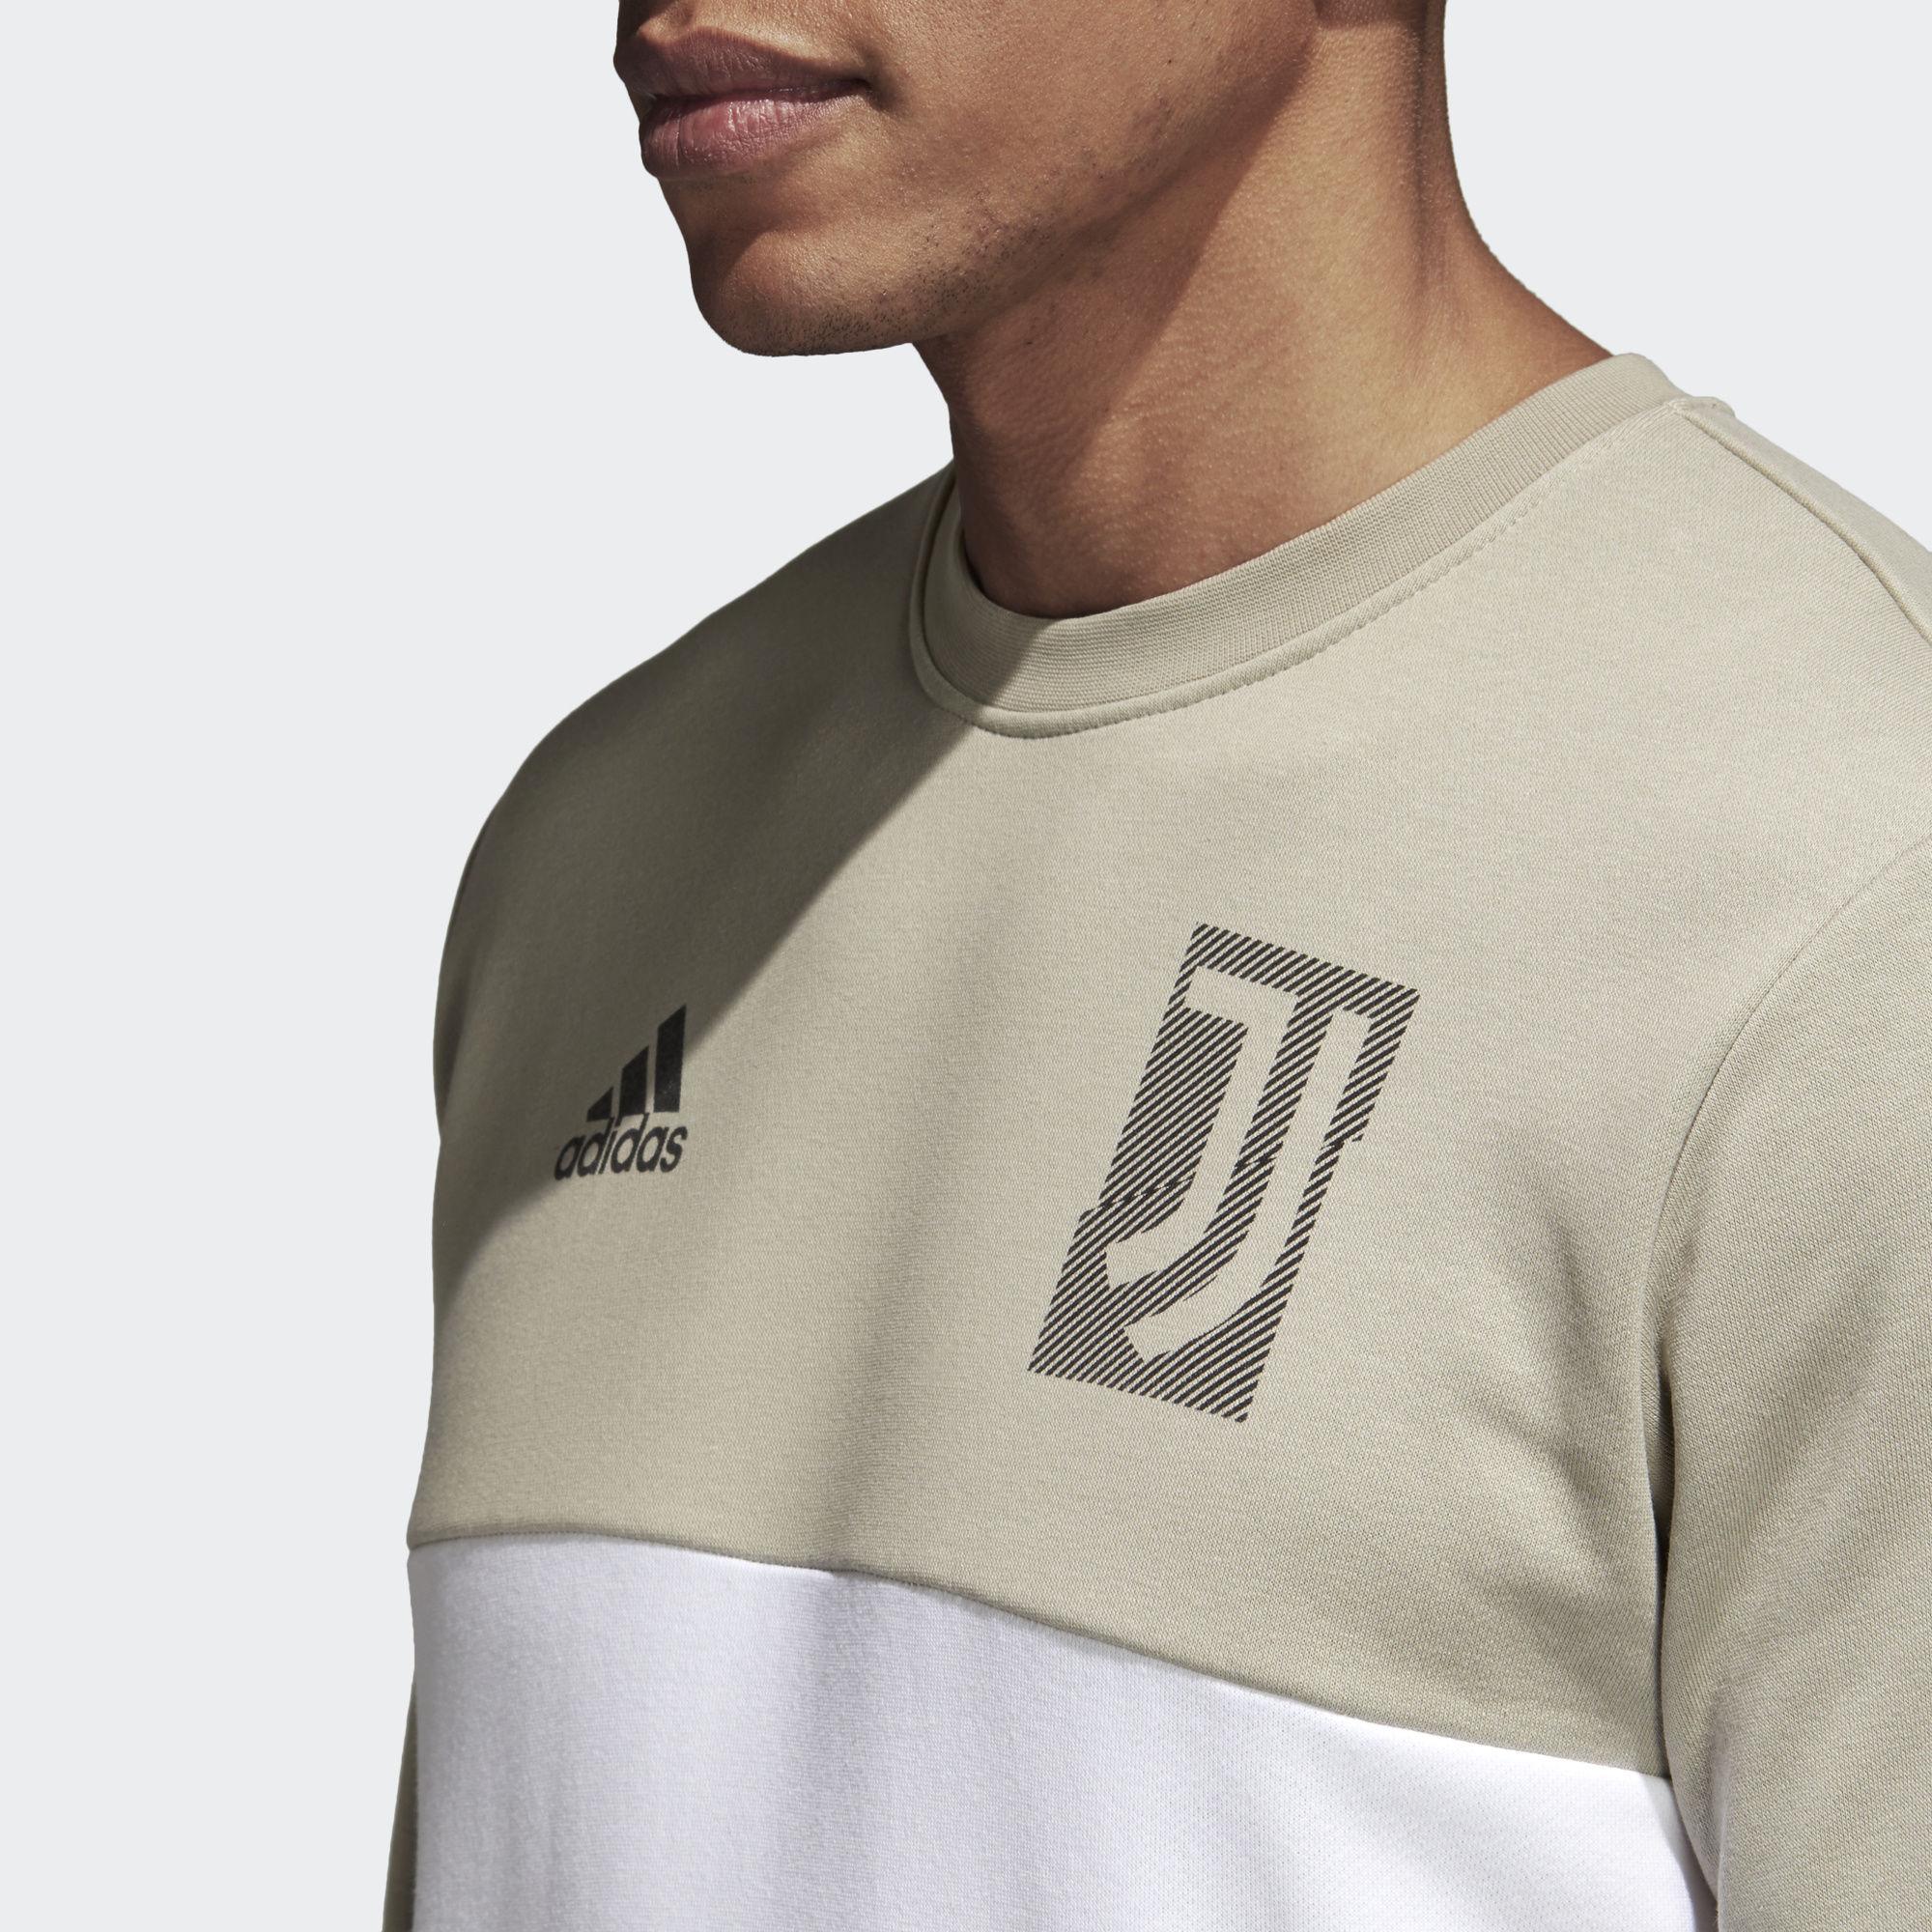 Juventus Graphic Sweatshirt Merchandise R4qa5rw Soccer Adidas Turin 78qIq